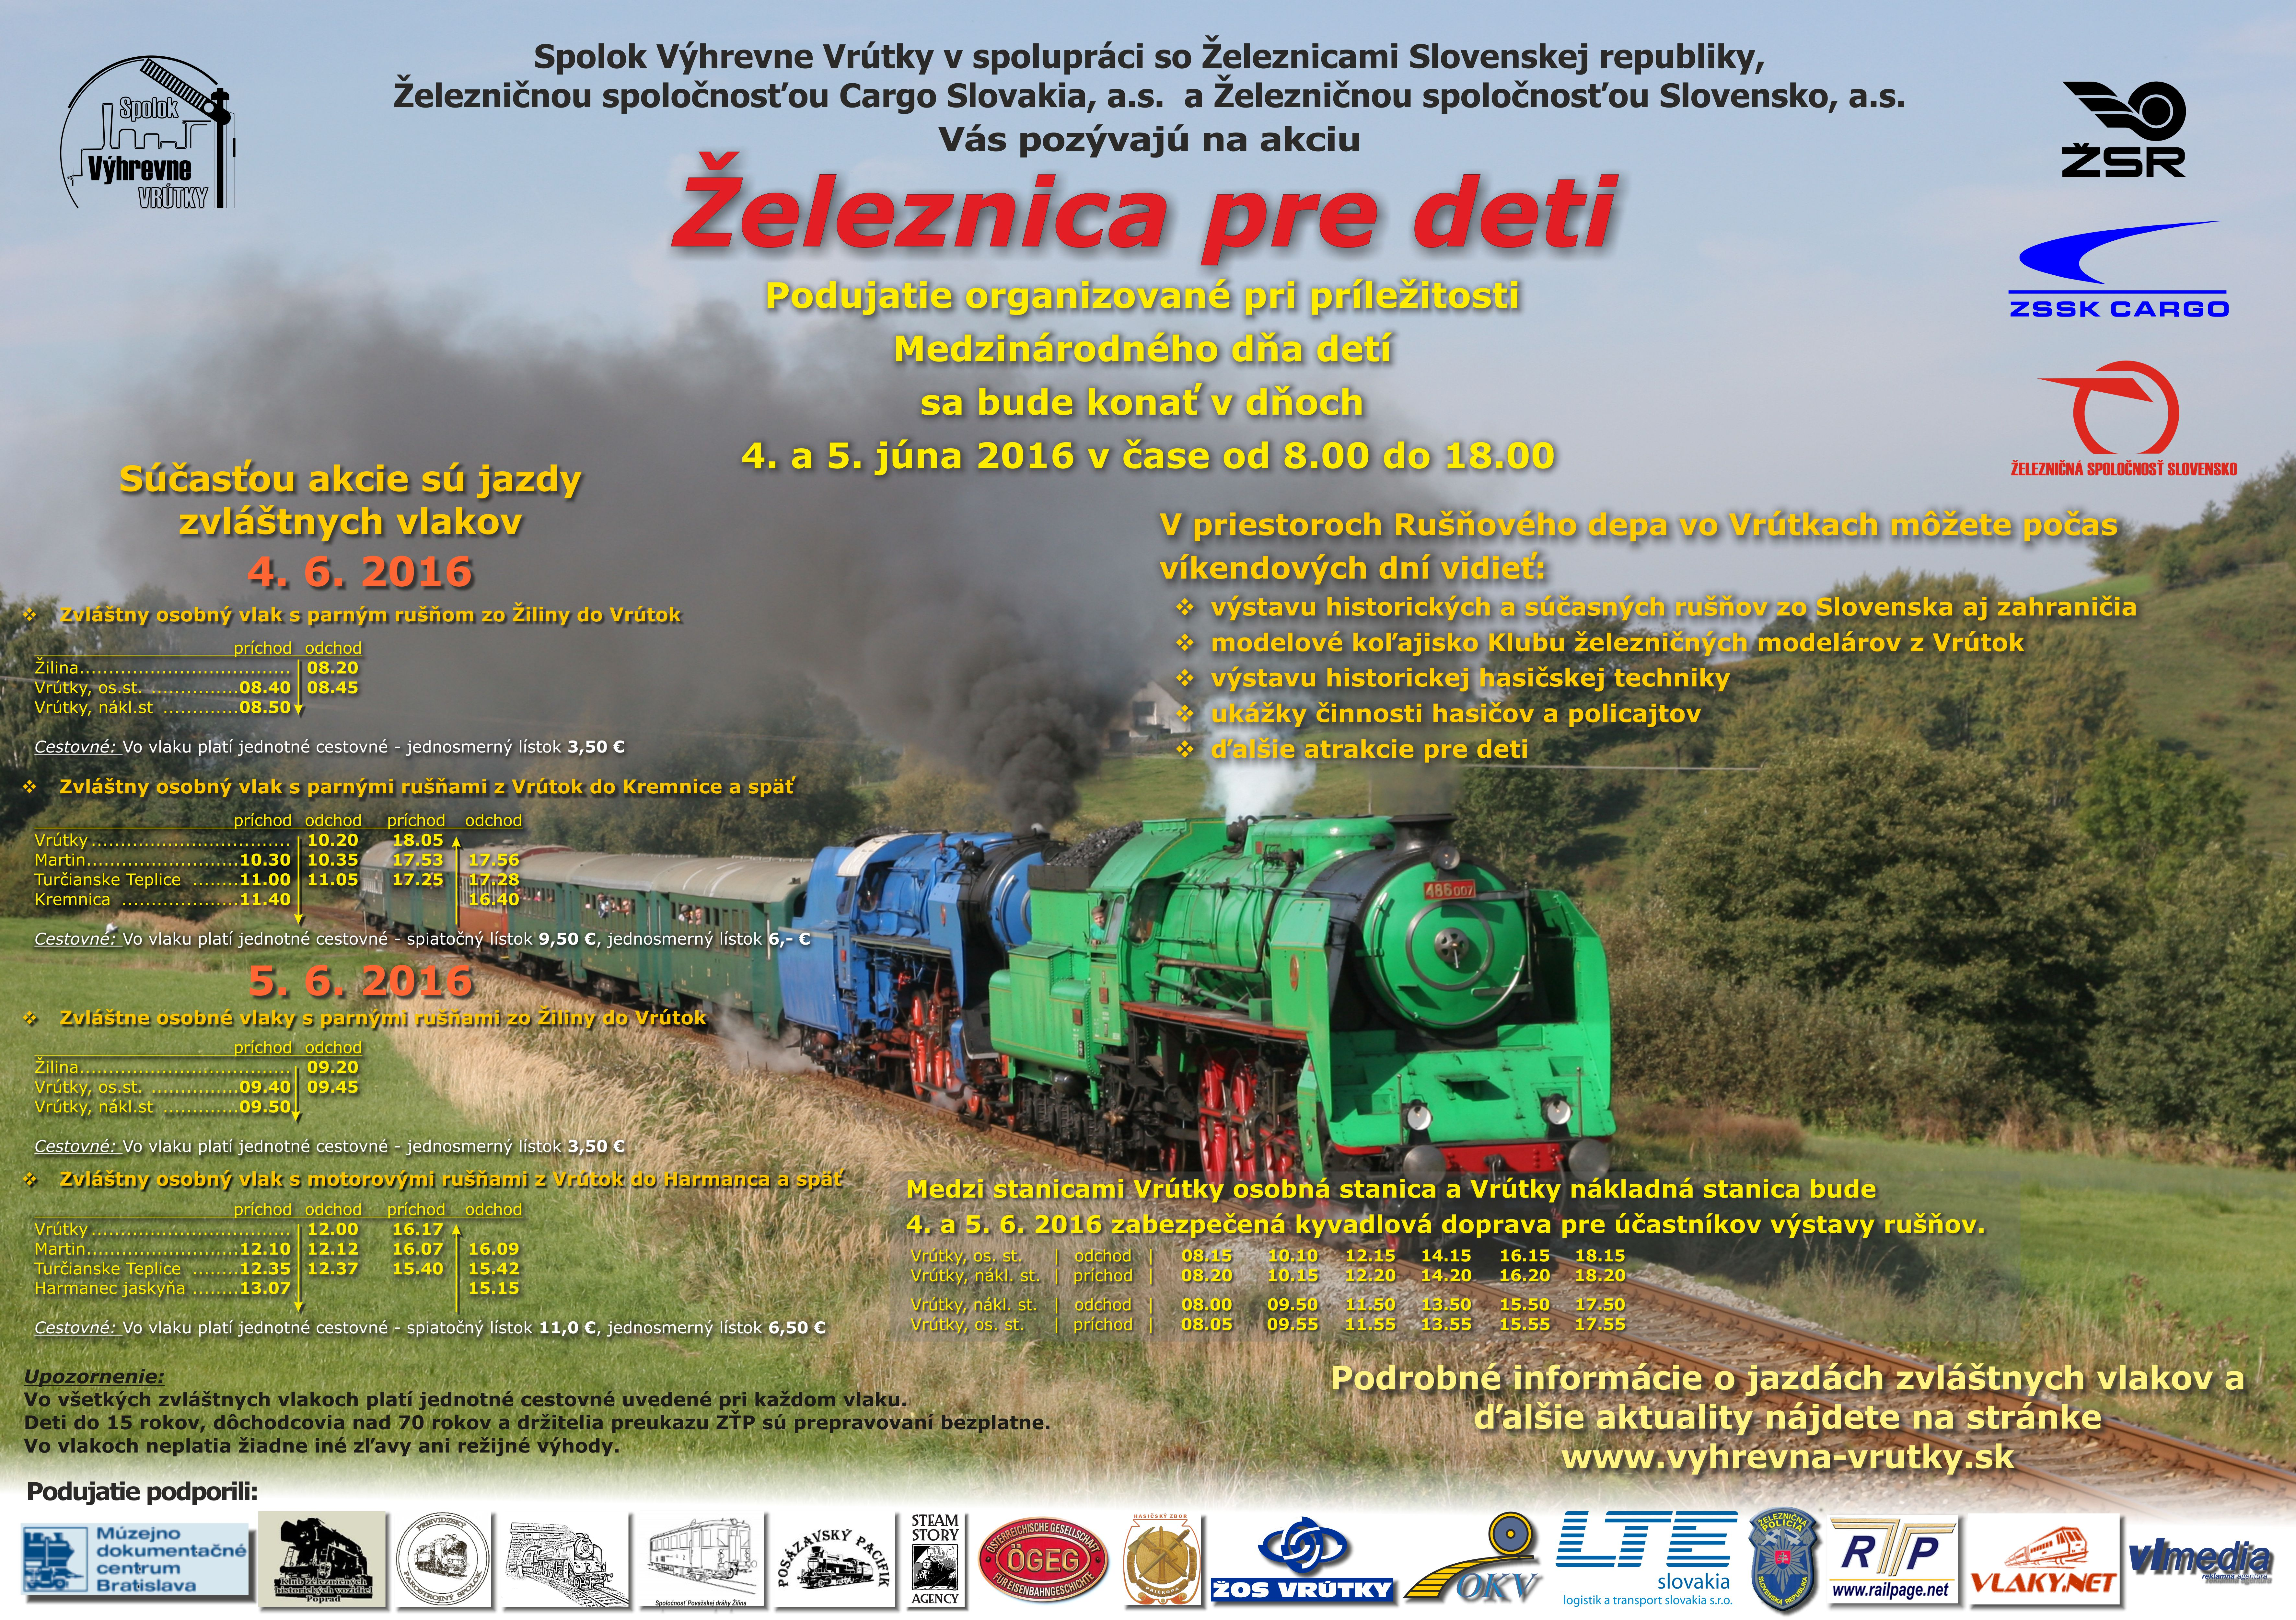 Železnica pre deti 2016